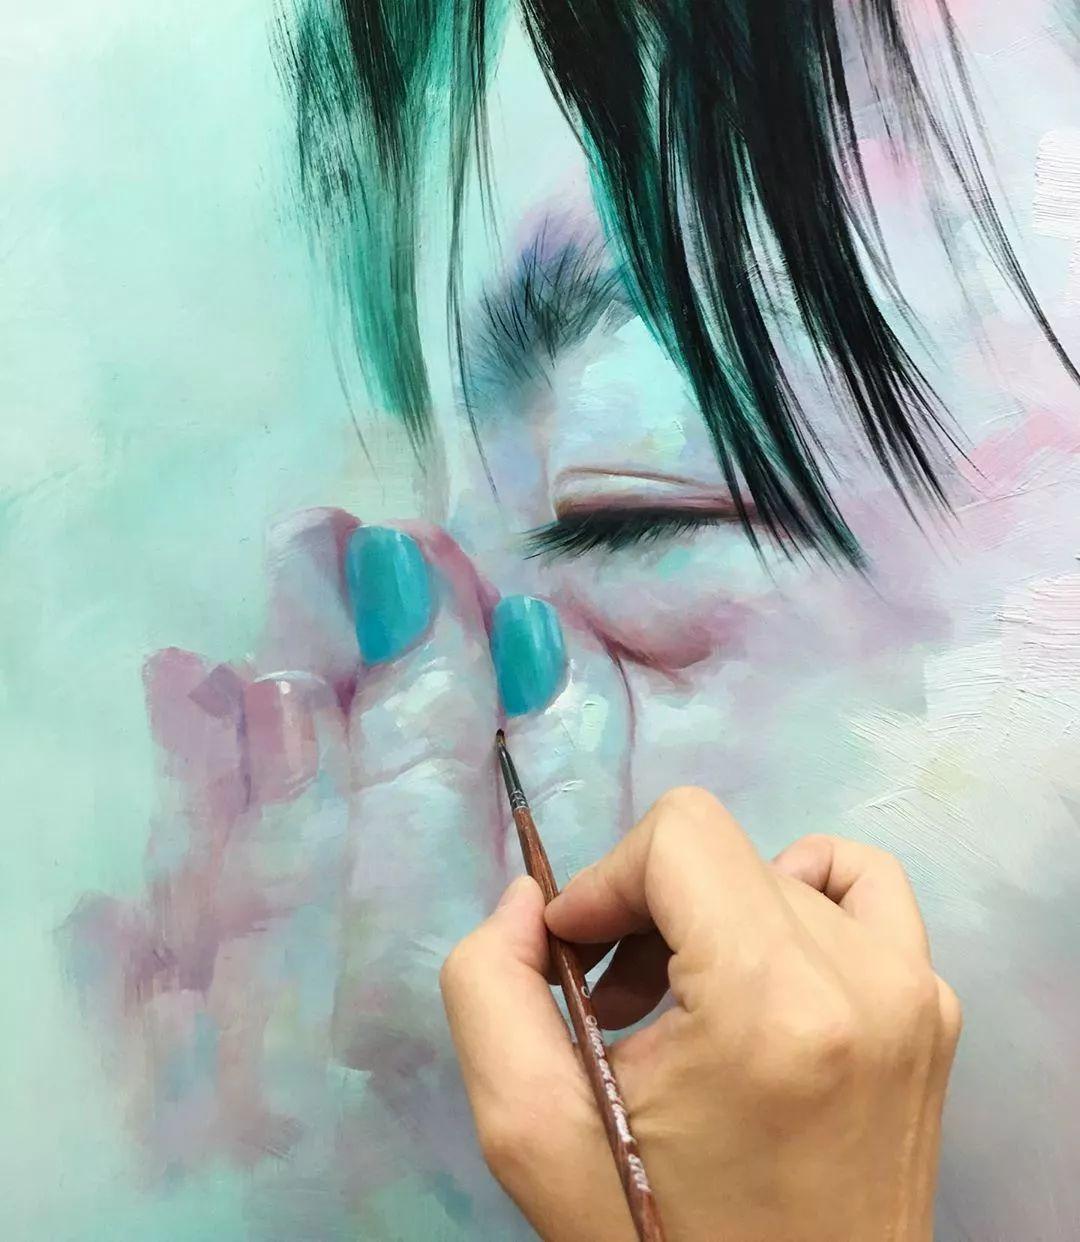 画笔留下的记忆,来自油画的魅力!插图65